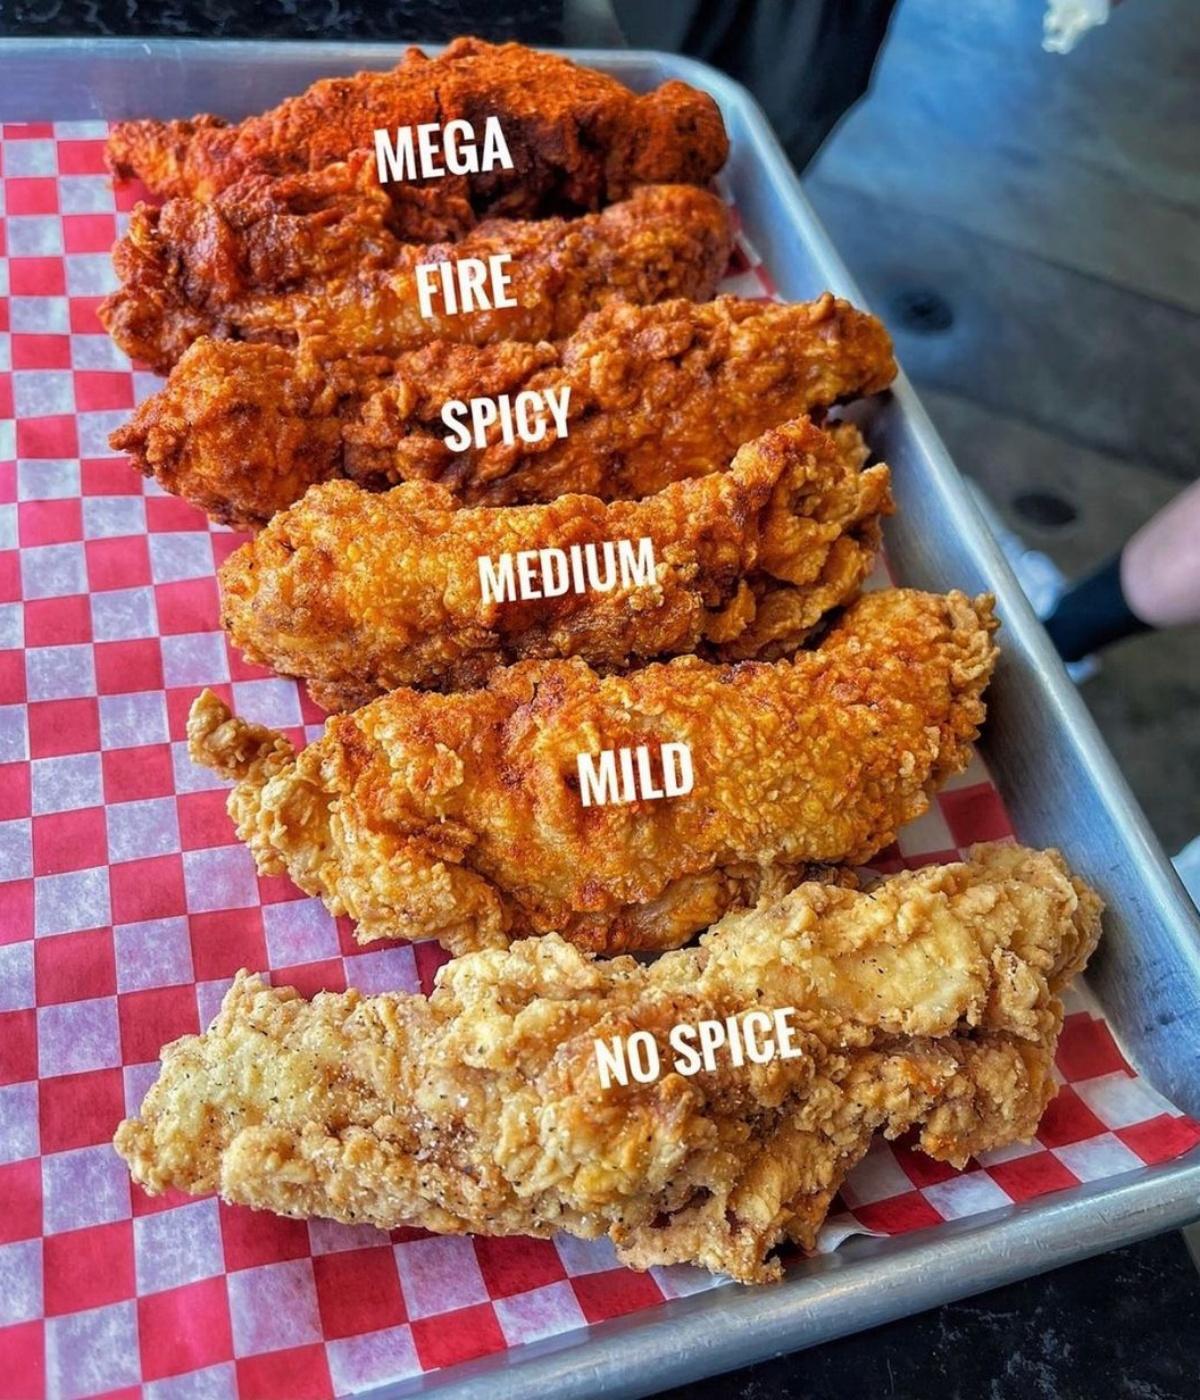 美式炸雞Hotties Fried Chicken登台!招牌「辣爹炸雞堡」6種辣度+特調沾醬任你選